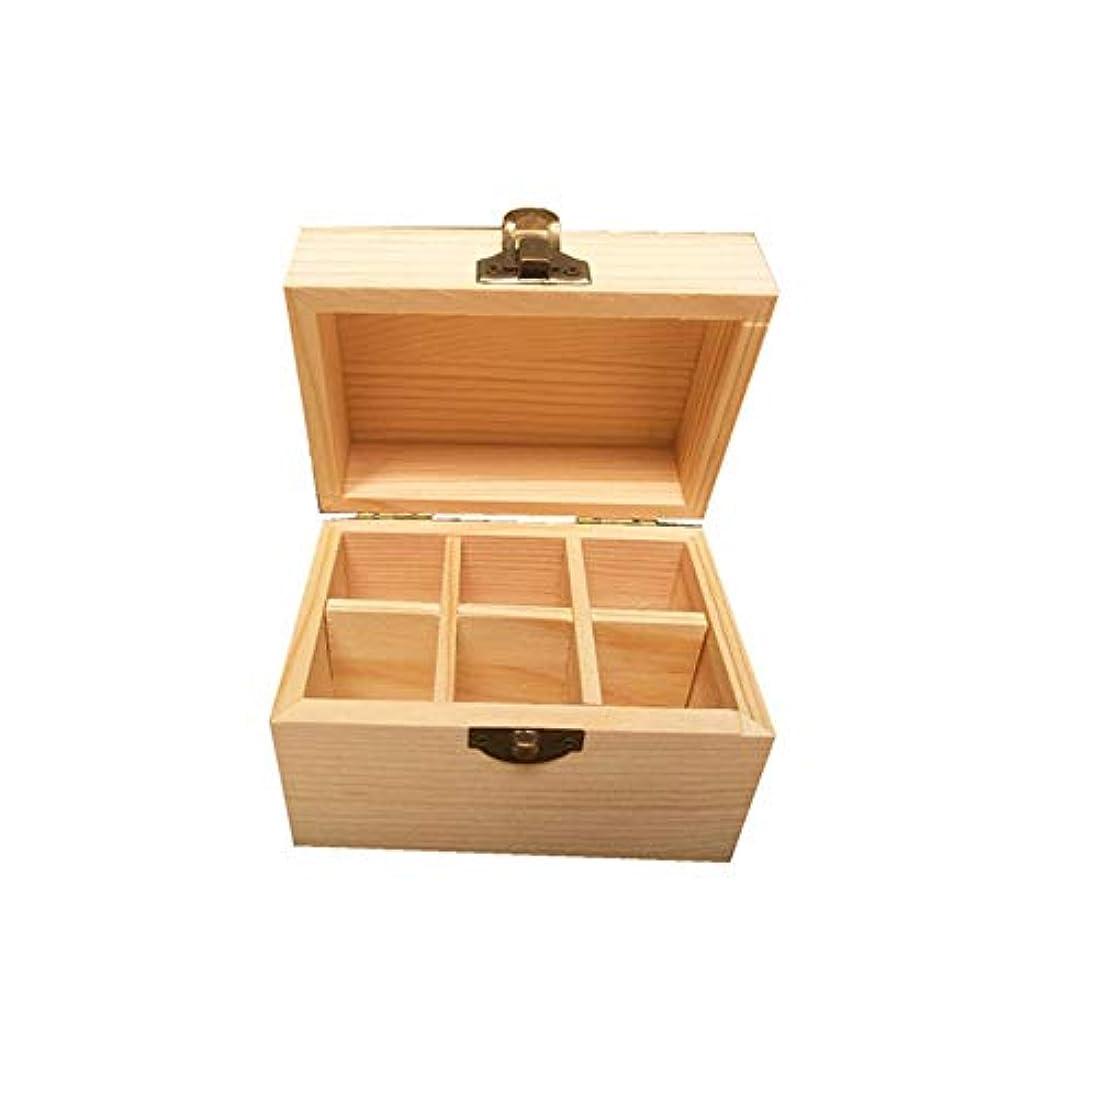 信じるタフマーベルエッセンシャルオイルの保管 6つのボトル木製エッセンシャルオイルストレージボックスパーフェクトエッセンシャルオイルケース (色 : Natural, サイズ : 12X8X8.5CM)